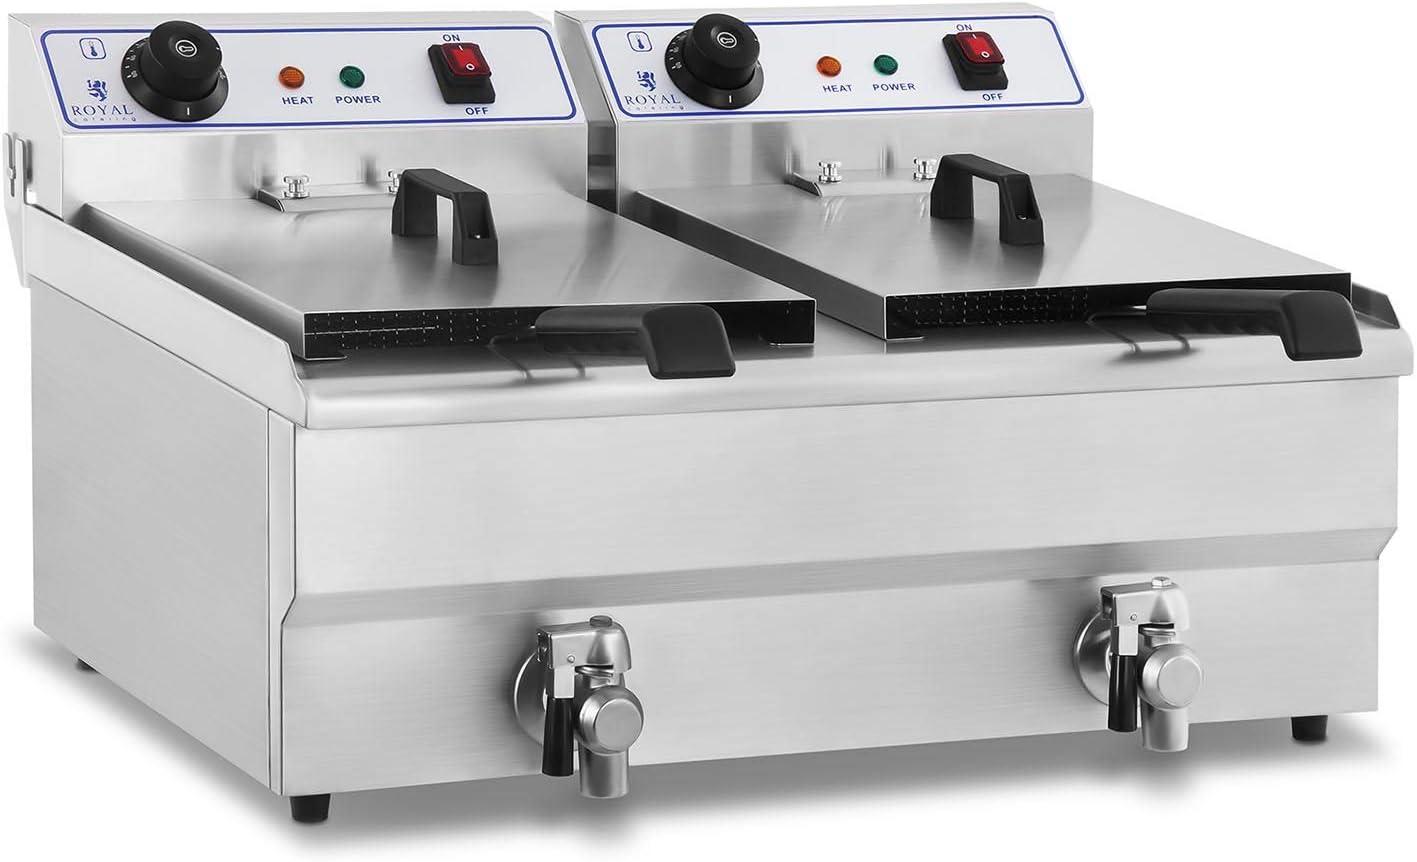 Royal Catering Freidora Eléctrica Doble Para Hostelería RCEF-16DH (Potencia: 2 x 3.500 Watt, Capacidad: 2 x 16 Litros, Con Grifo De Vaciado, 230 V)